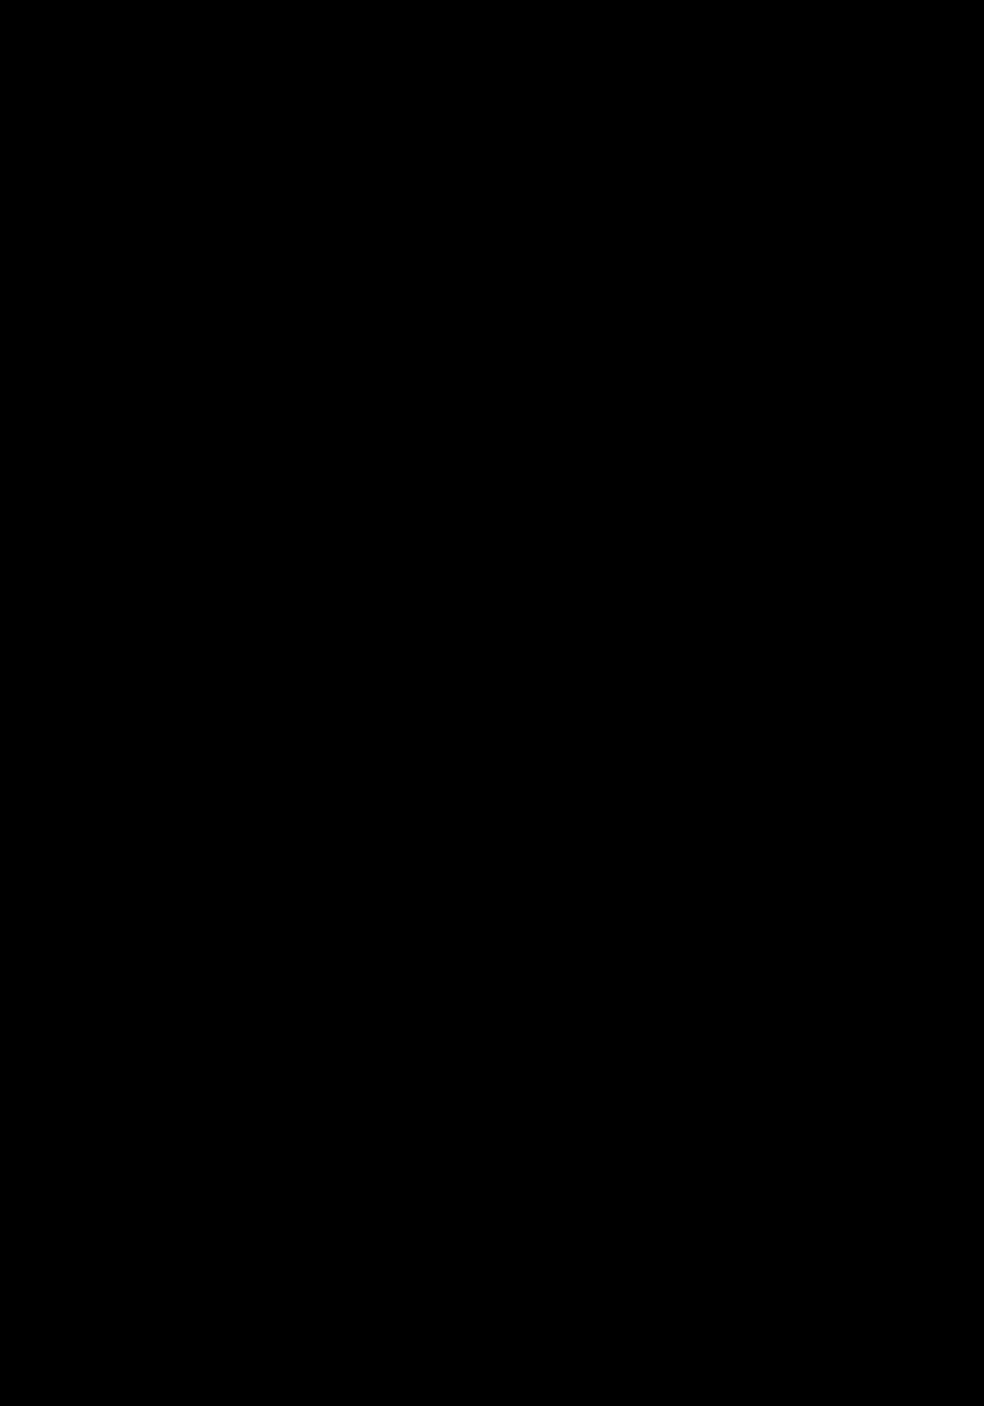 ゴカール M(かな) MGC 縦組見本